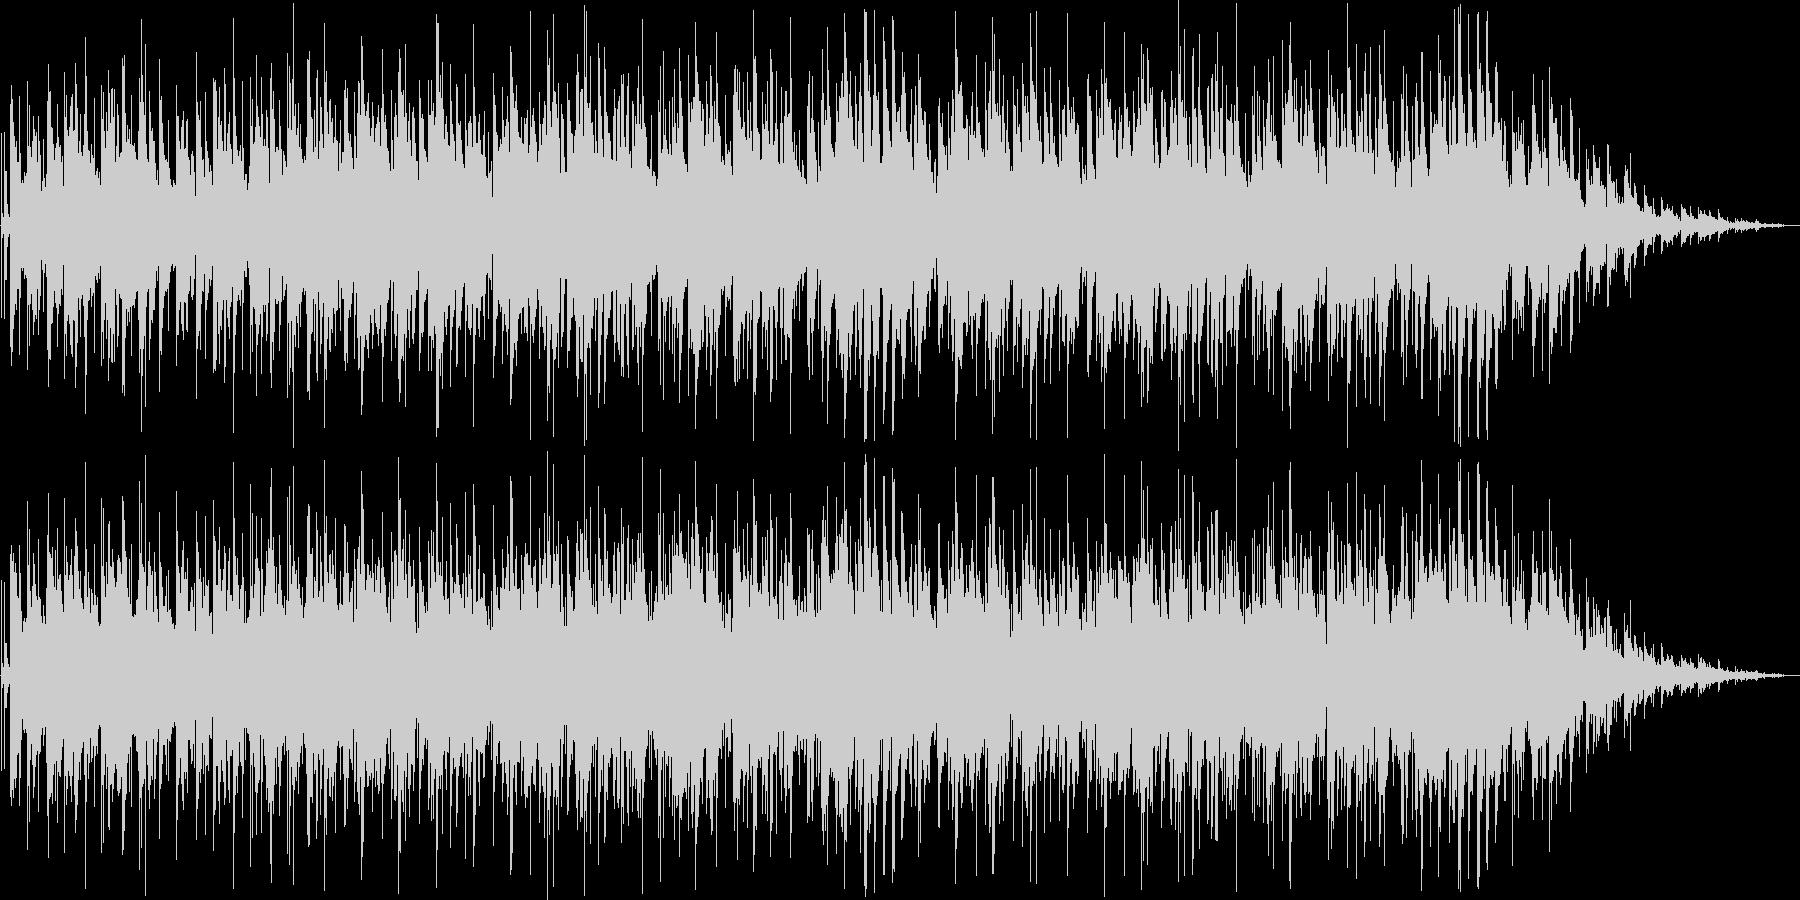 ゆったりしたピアノ・シンセサイザー曲の未再生の波形